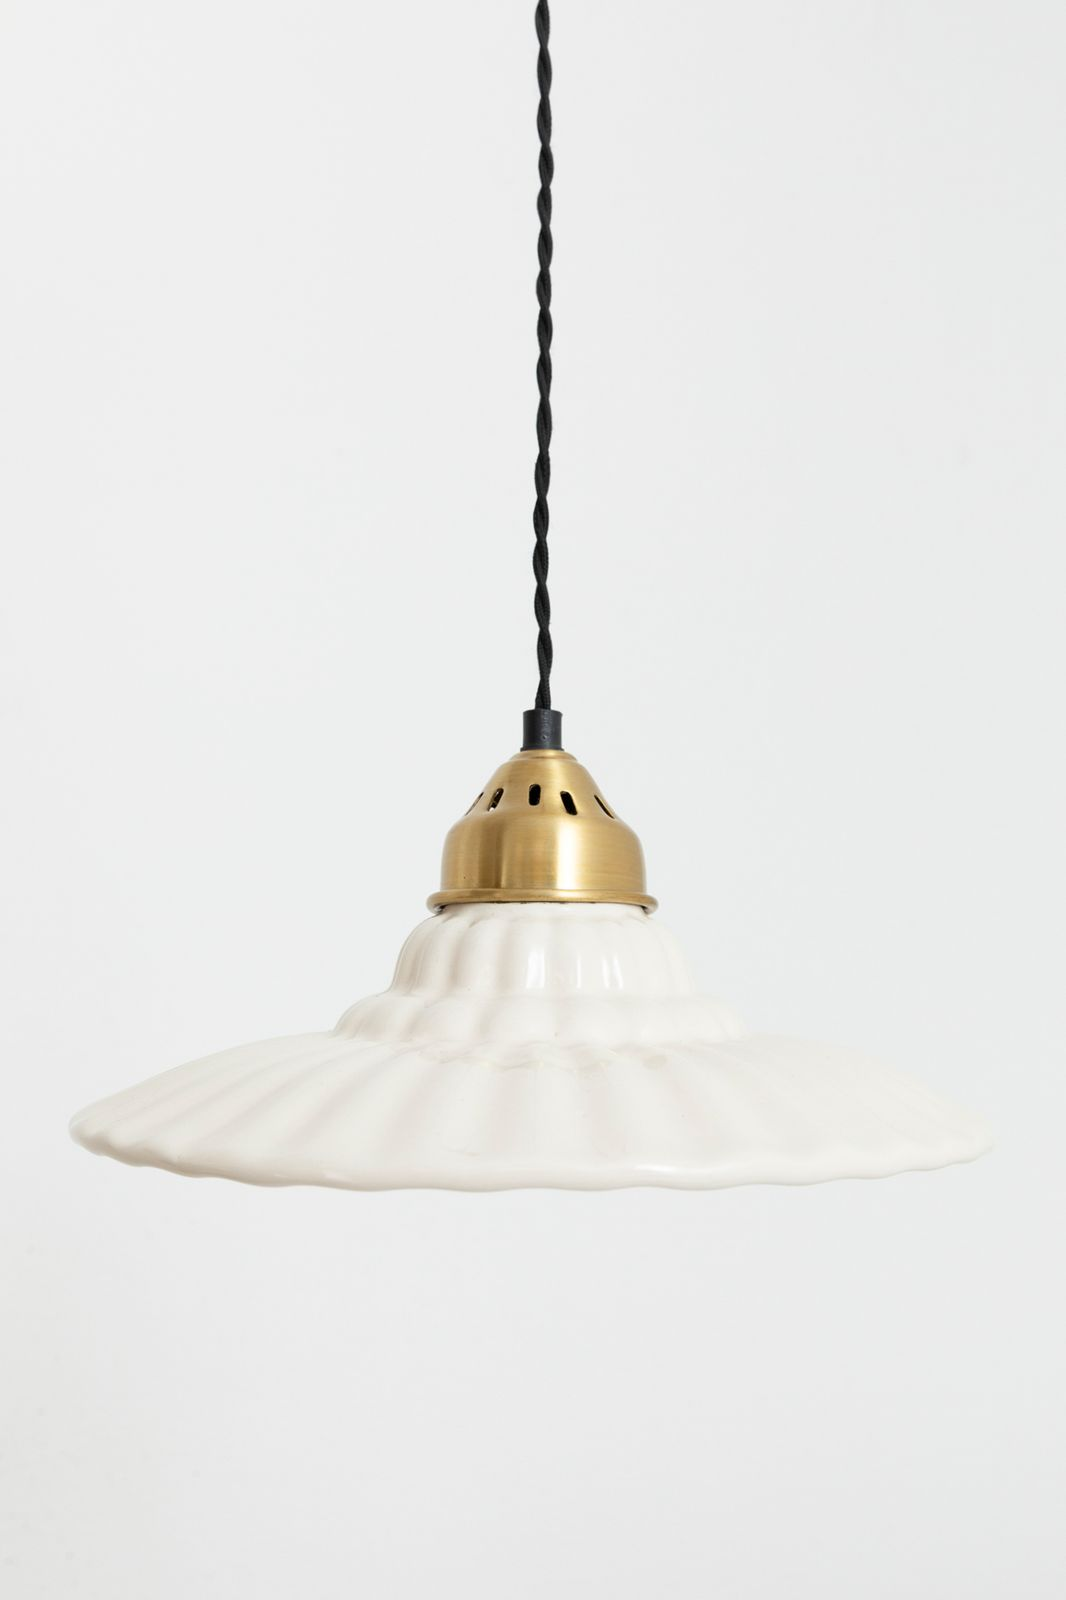 Witte keramieken hanglamp